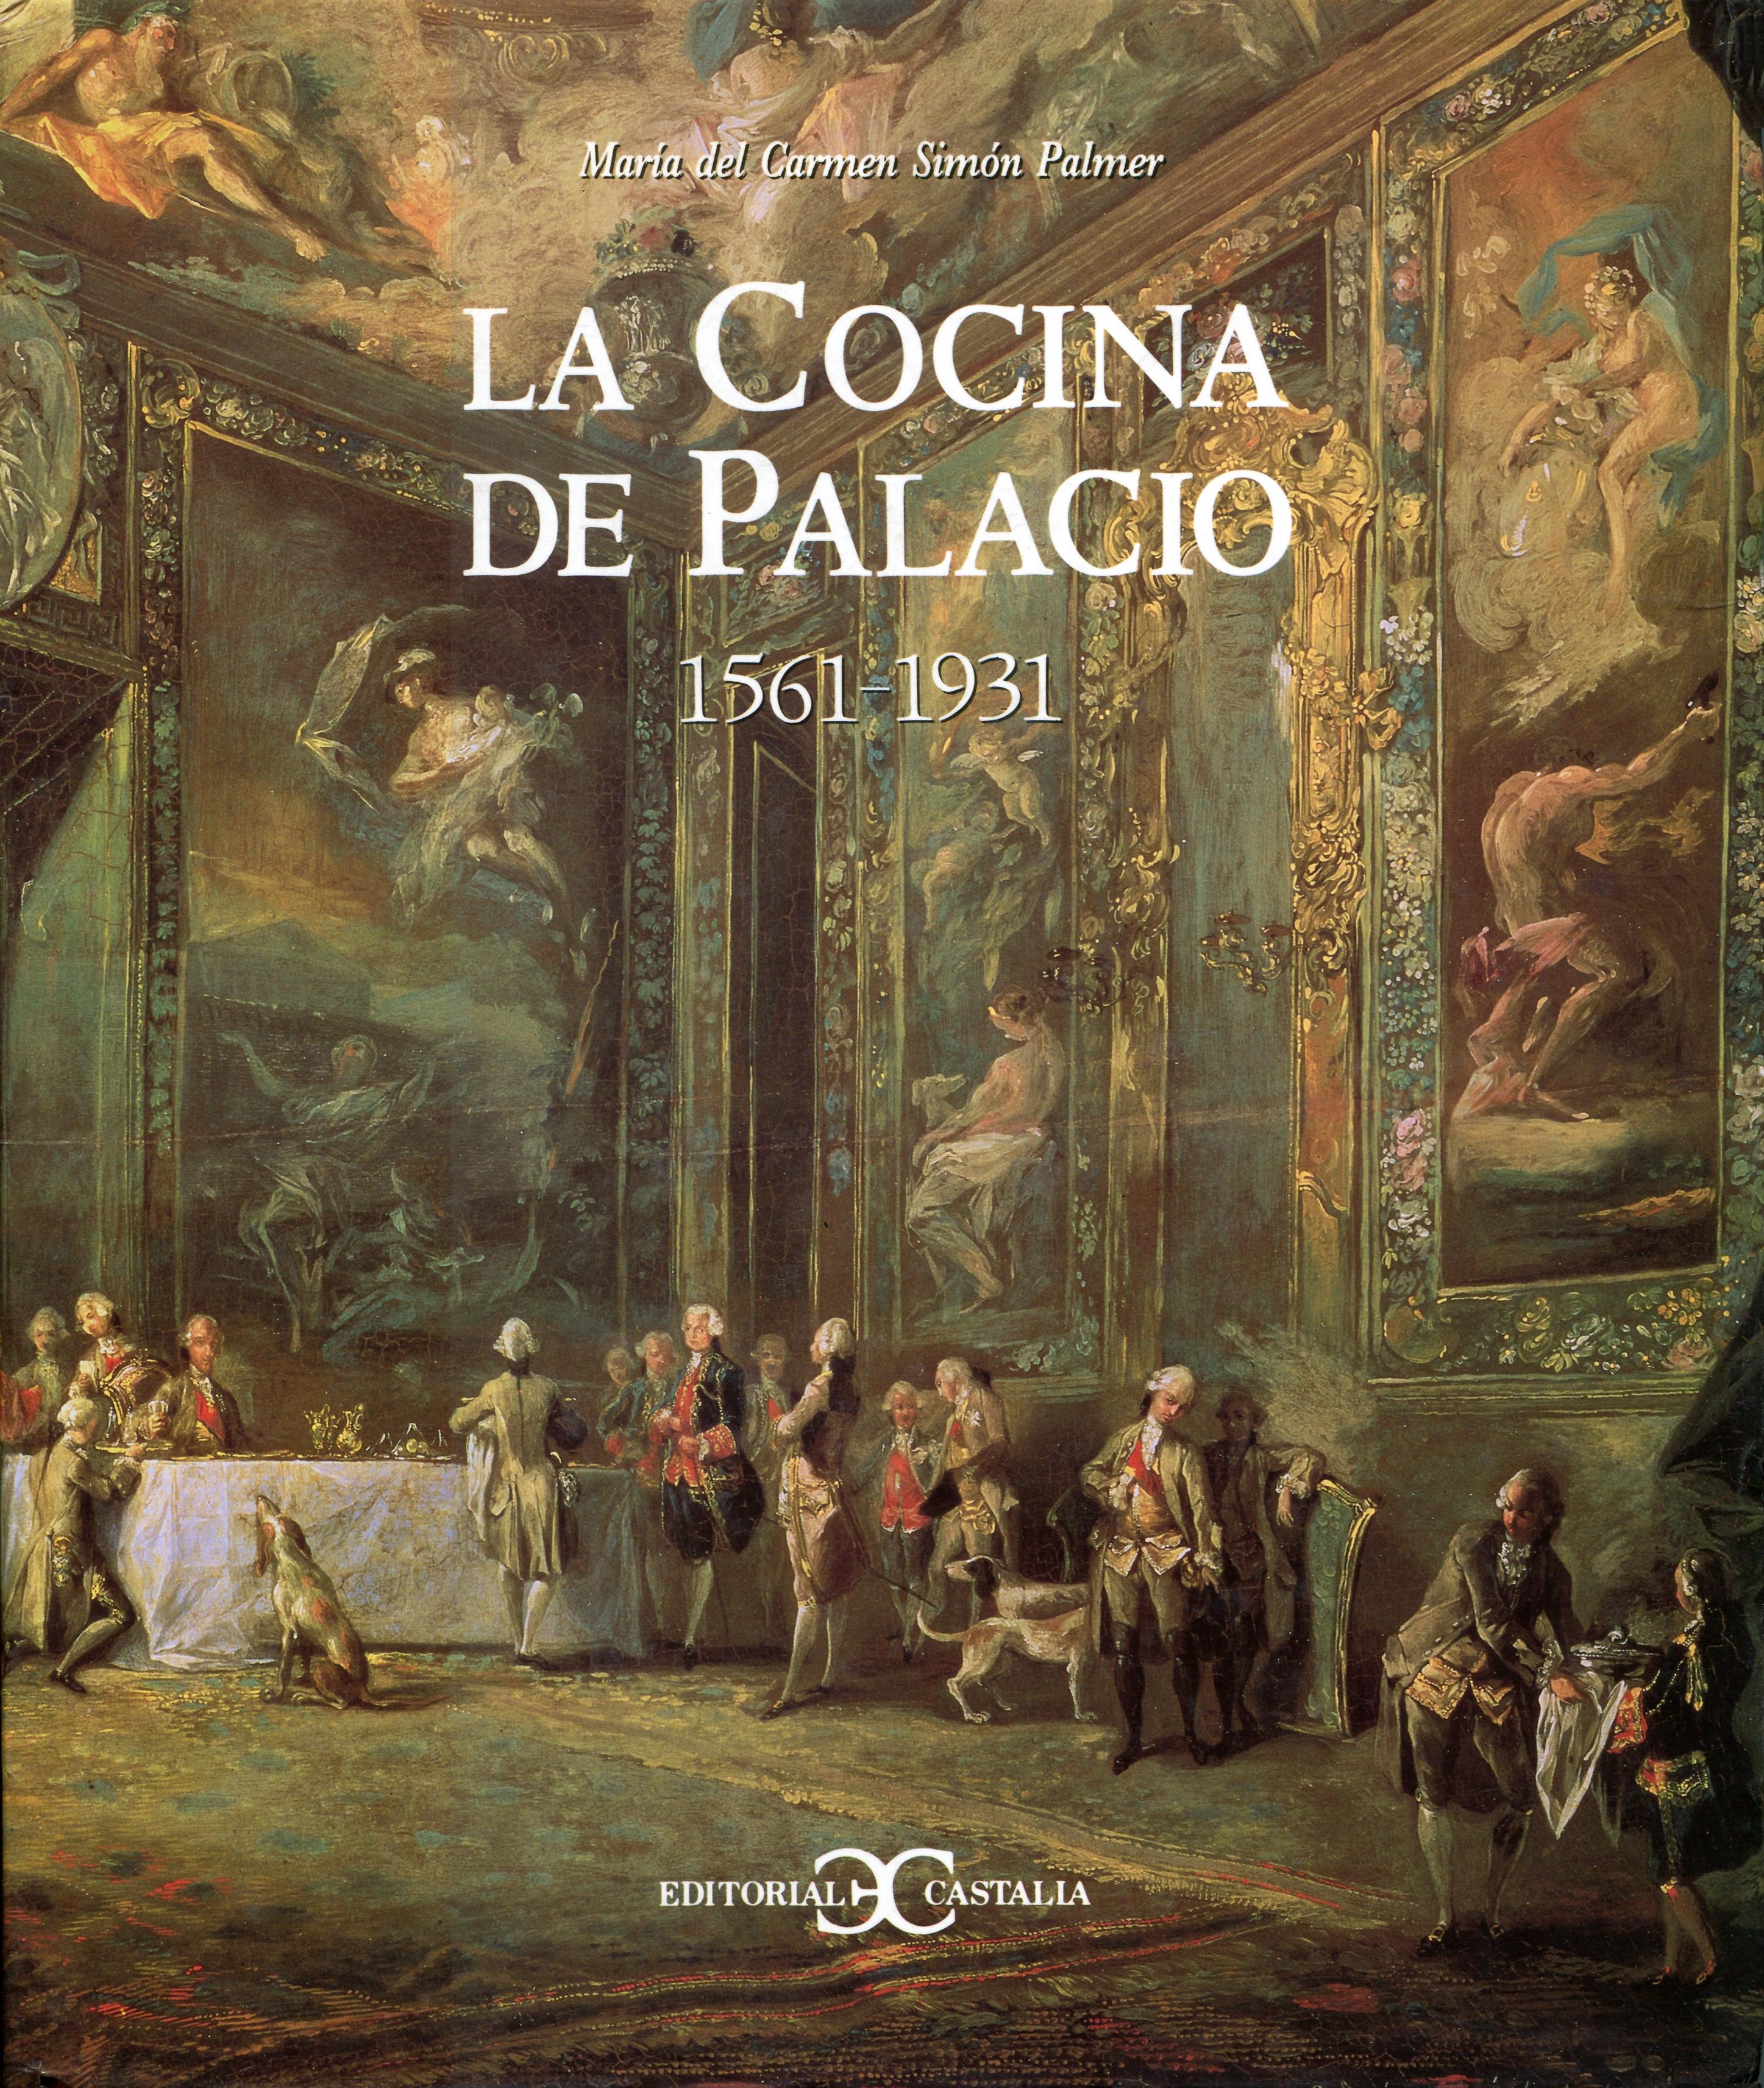 La cocina de Palacio